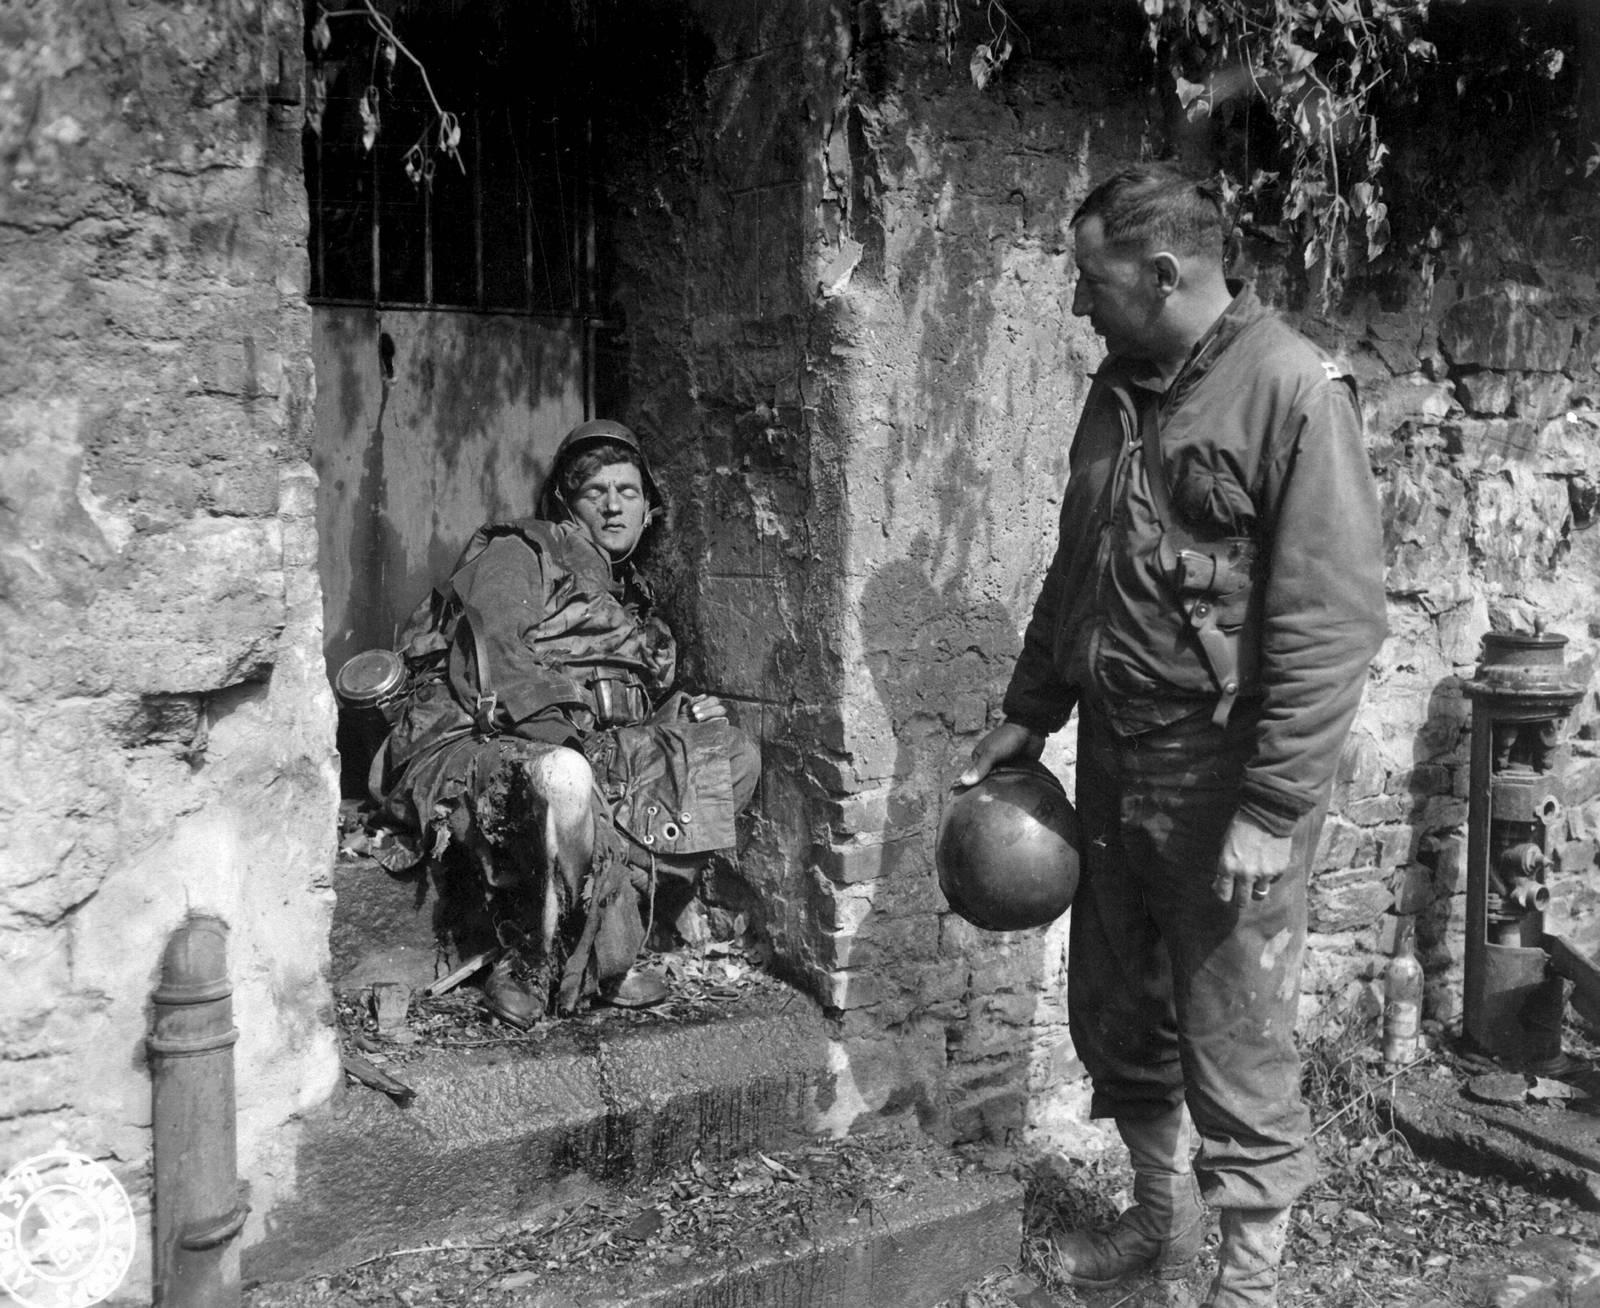 1944. Earl Topley kapitány nézi az utolsó Cherbourgban elesett német védőt, aki a végsőkig, sebesülten is kitartott. Topley egységének legalább három tagja esett el golyóitól..jpg